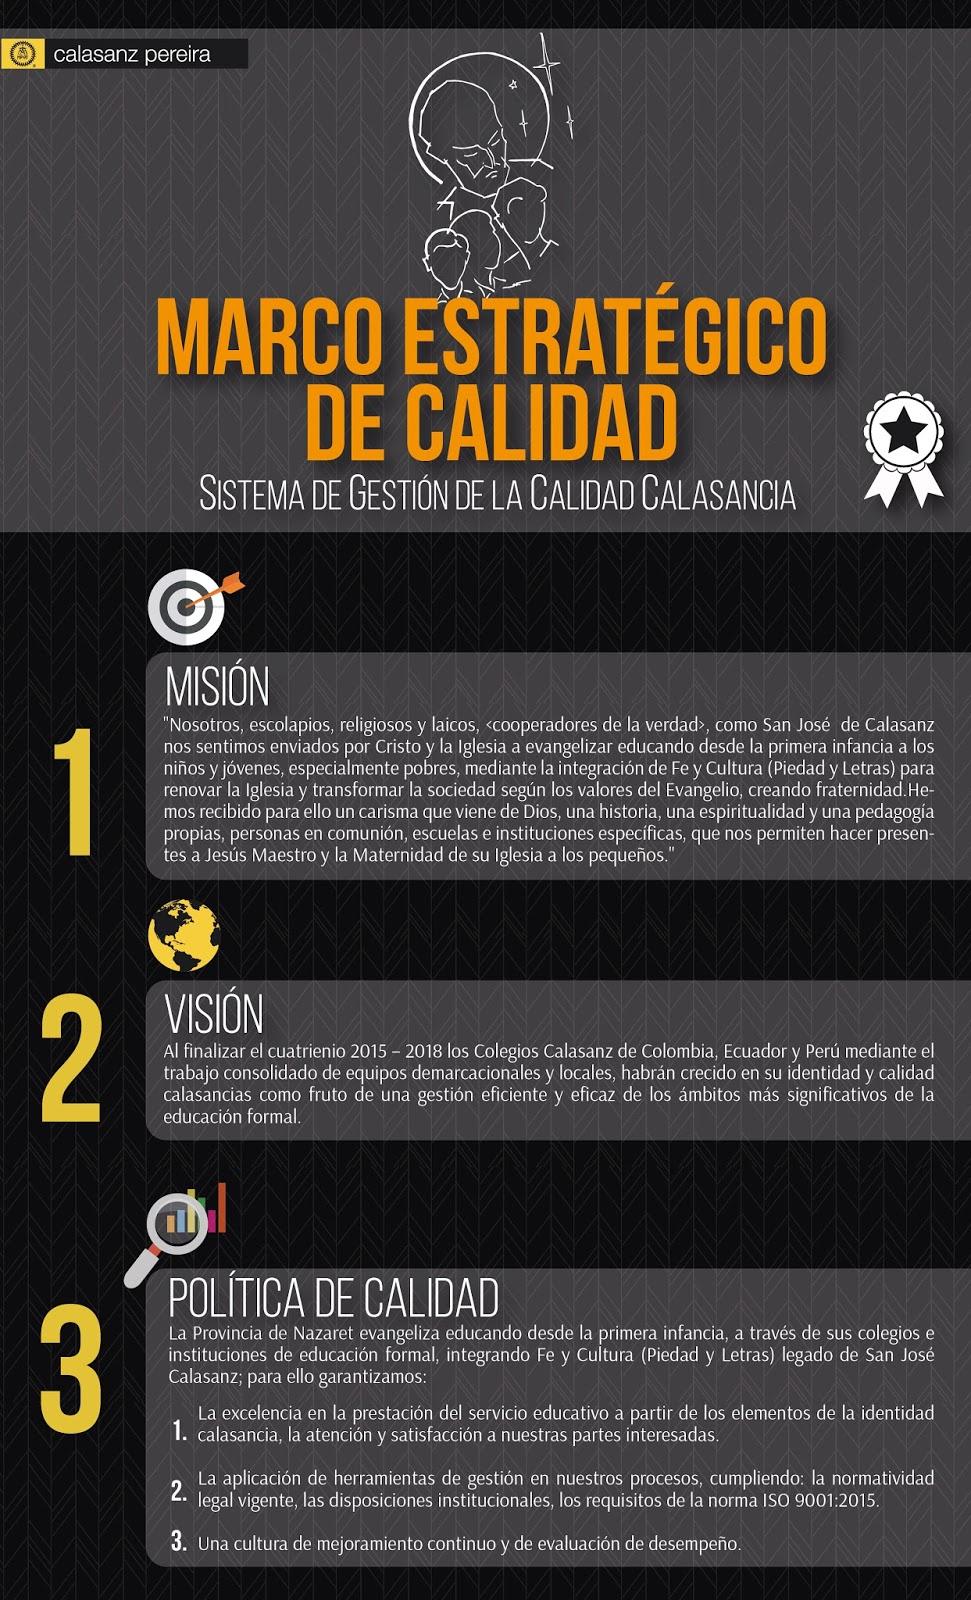 ROYAL EXPRESS: Marco Estratégico de Calidad - Colegio Calasanz